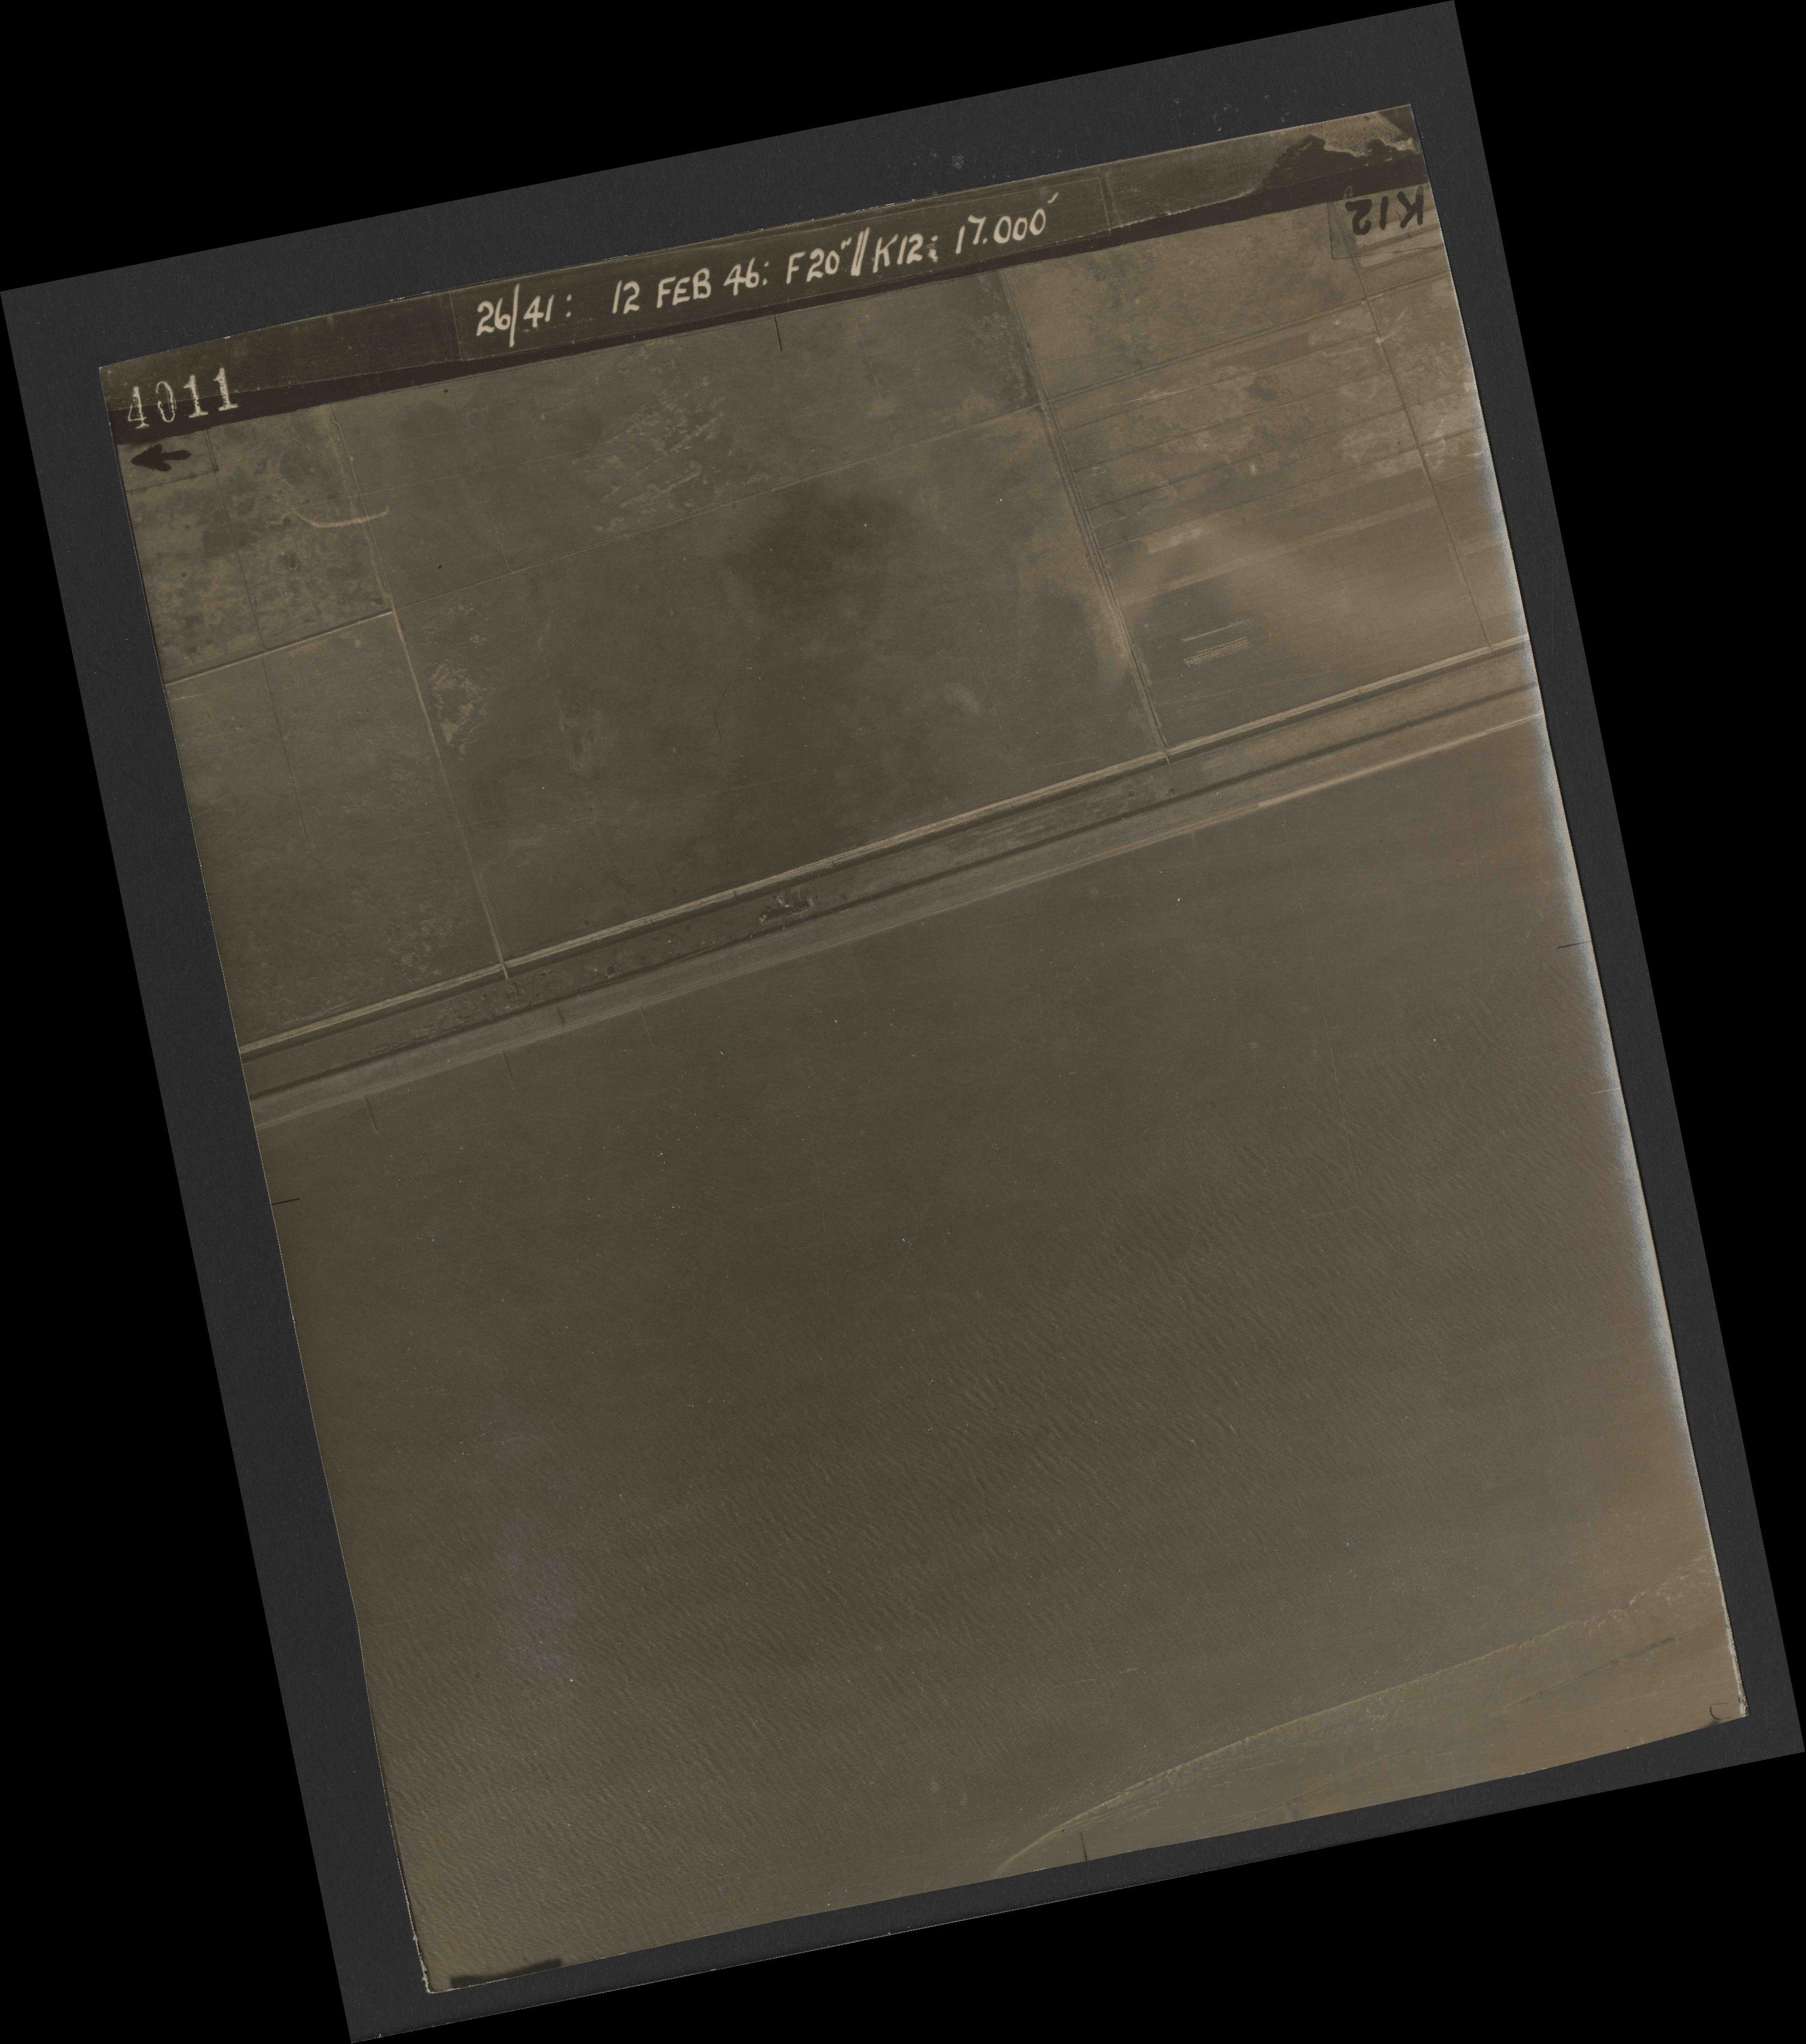 Collection RAF aerial photos 1940-1945 - flight 212, run 02, photo 4011